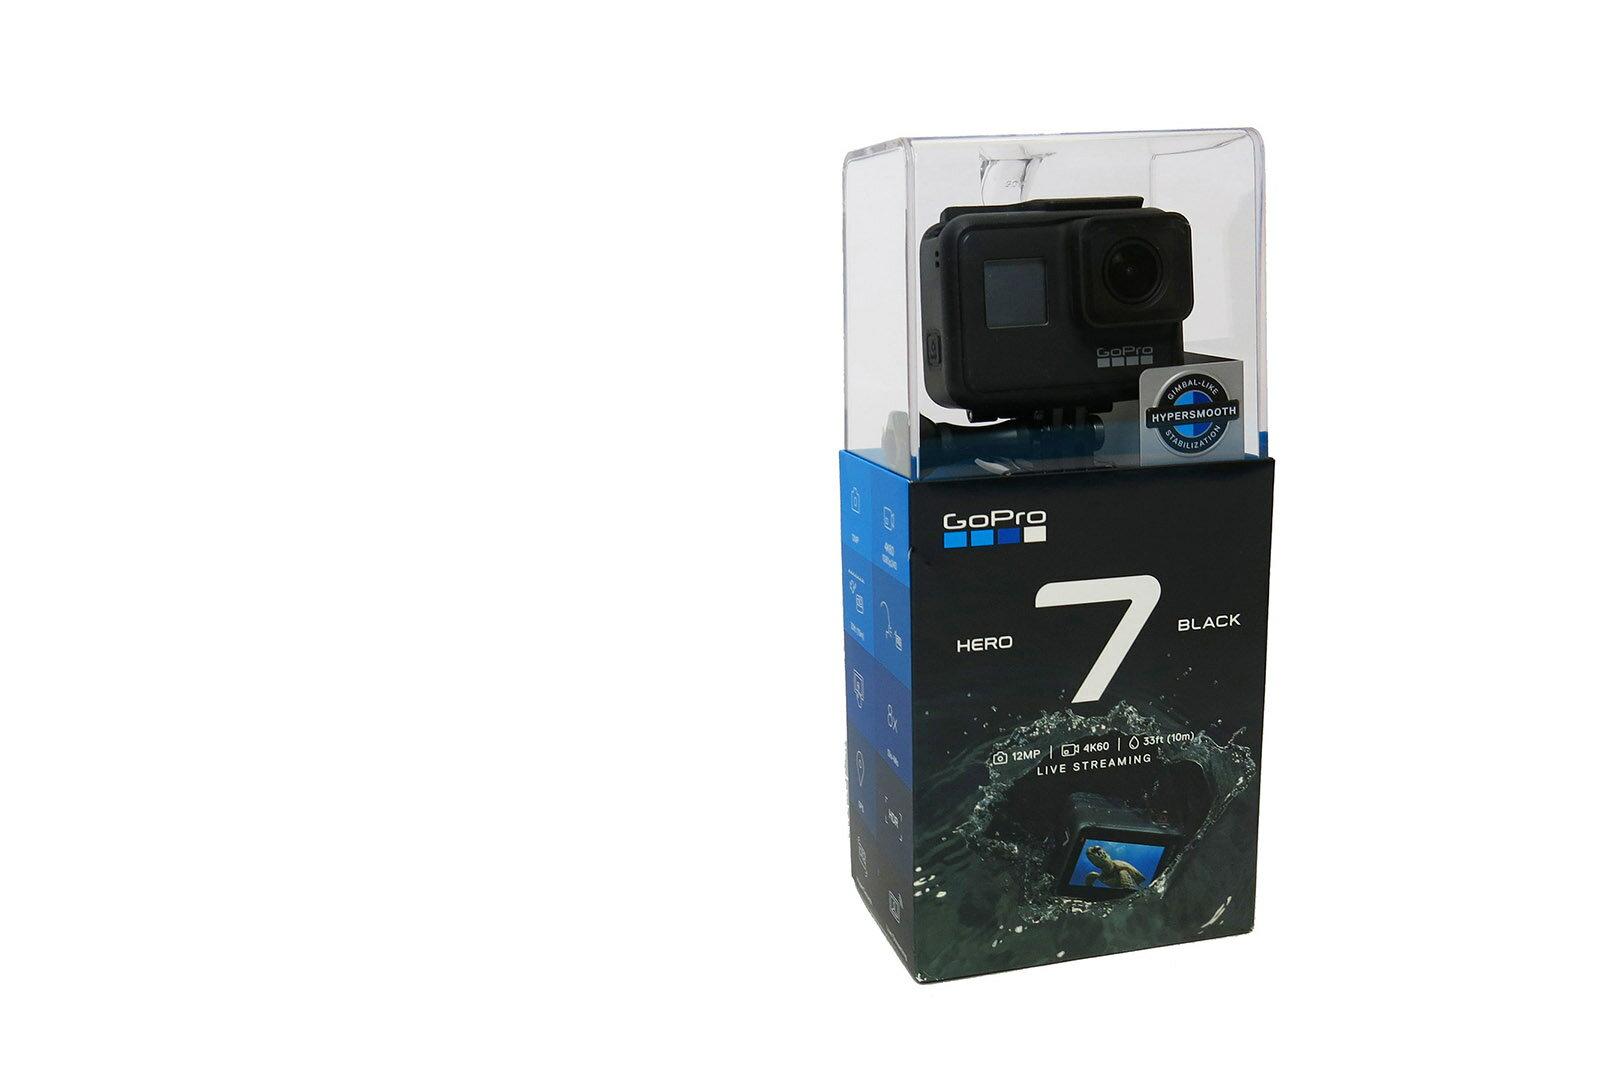 【GOPROレンタル】GoPro HERO7 Black レンタル SDカードプレゼント  マウントセット (カメラアーム)